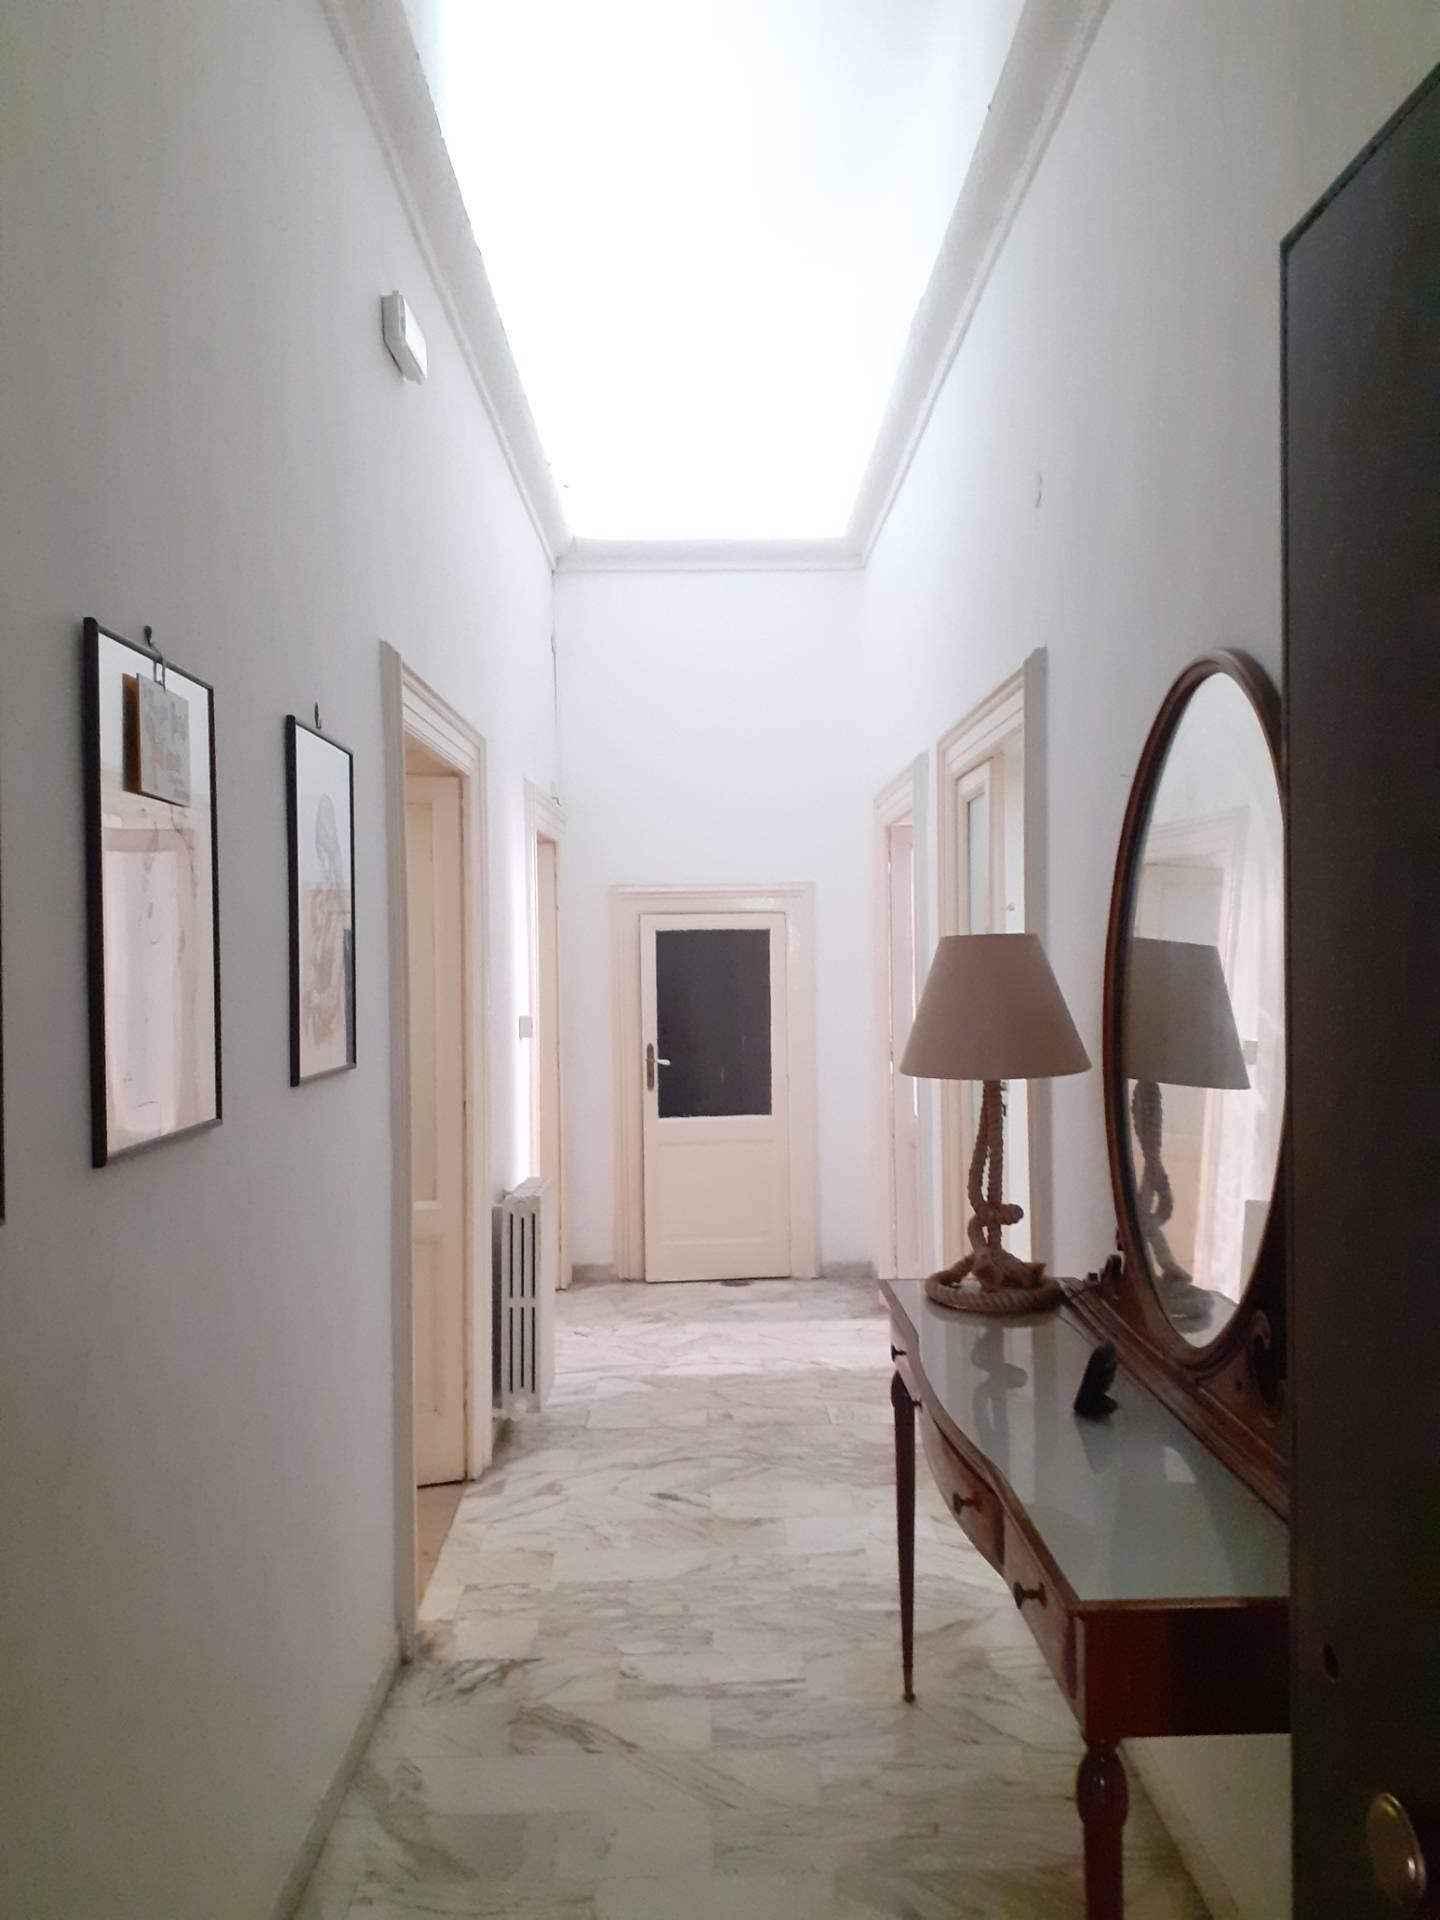 Appartamento in affitto a Taranto, 4 locali, zona Zona: Borgo, prezzo € 400 | CambioCasa.it